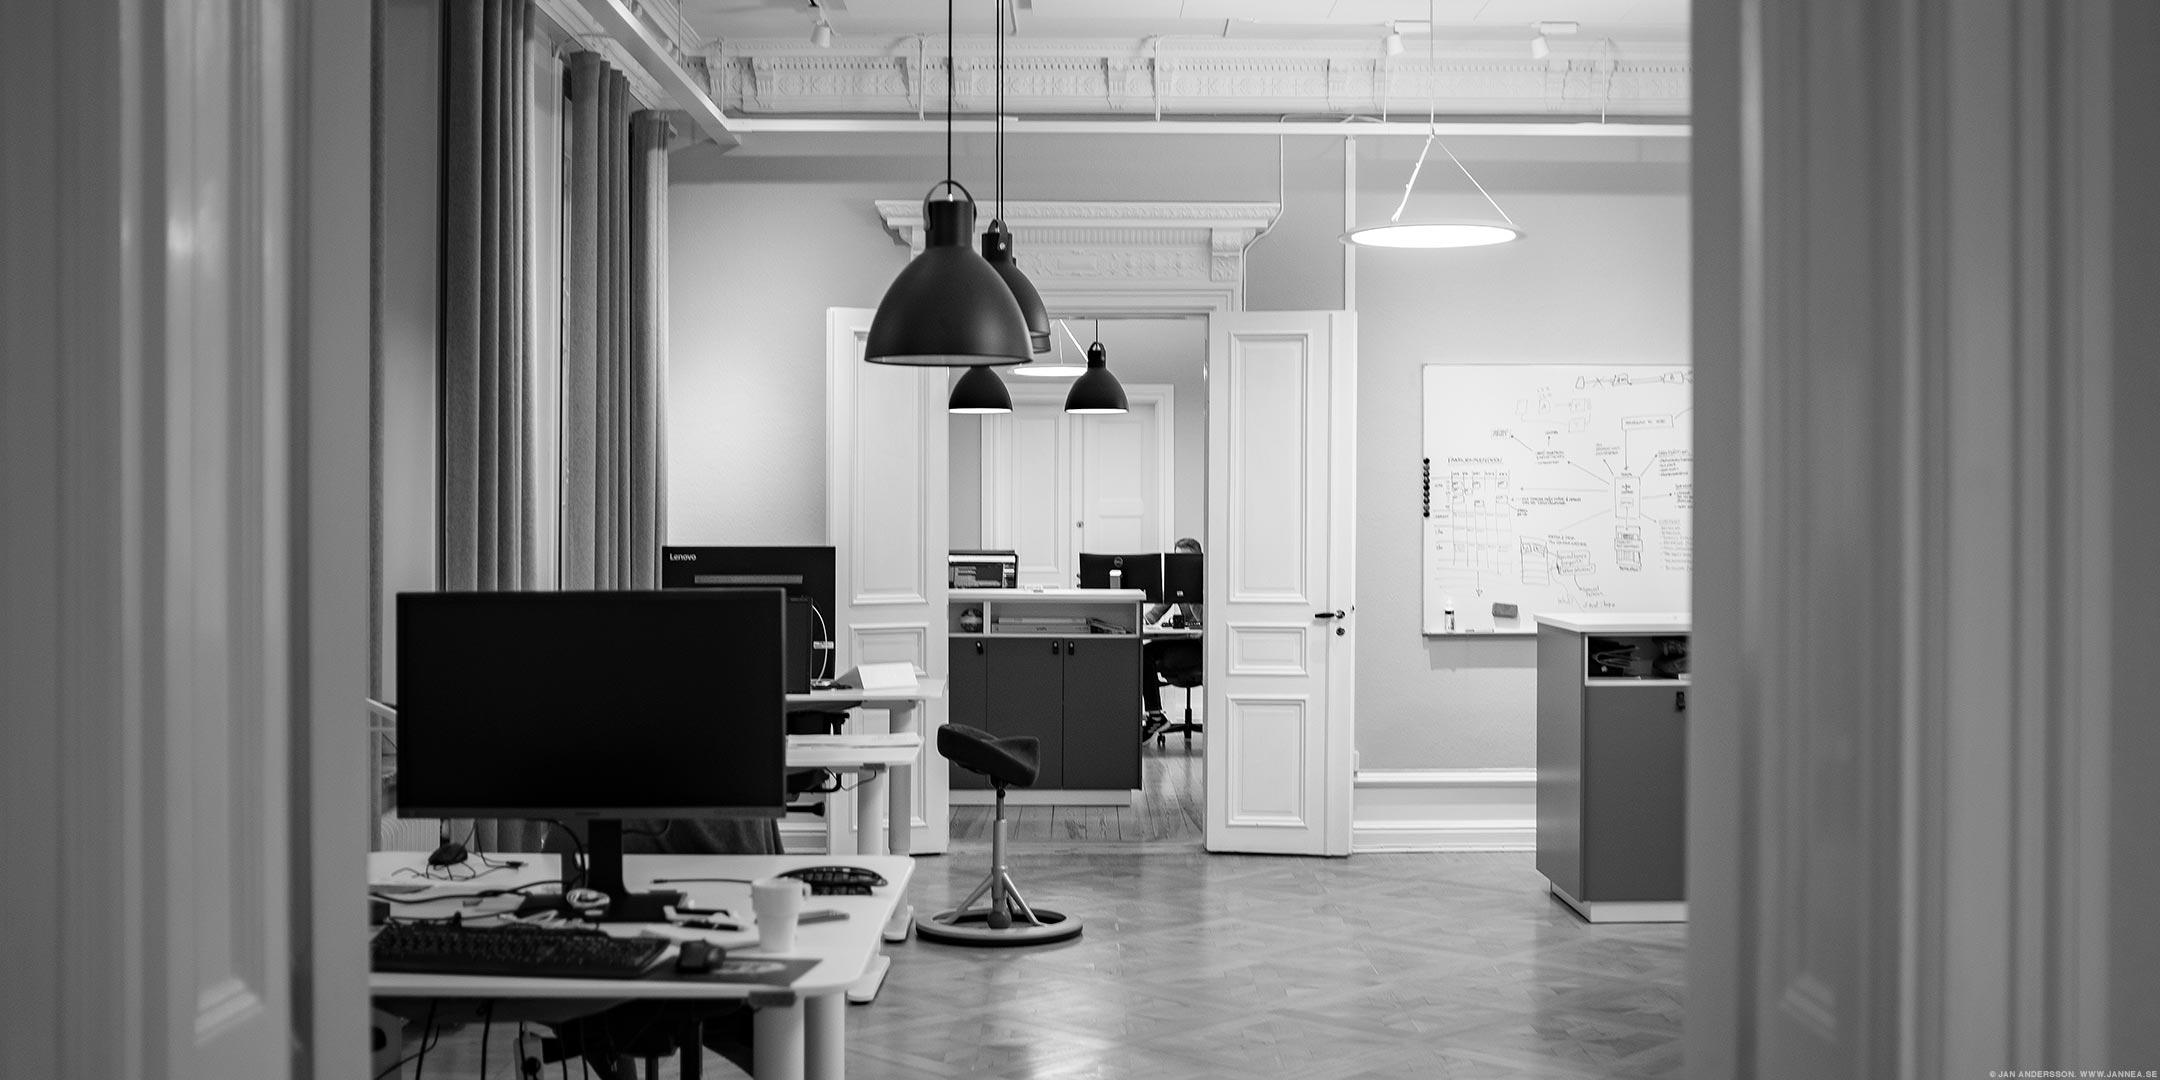 Det är en tisdag på jobbet och efter fem är det nästan tomt |©Jan Andersson